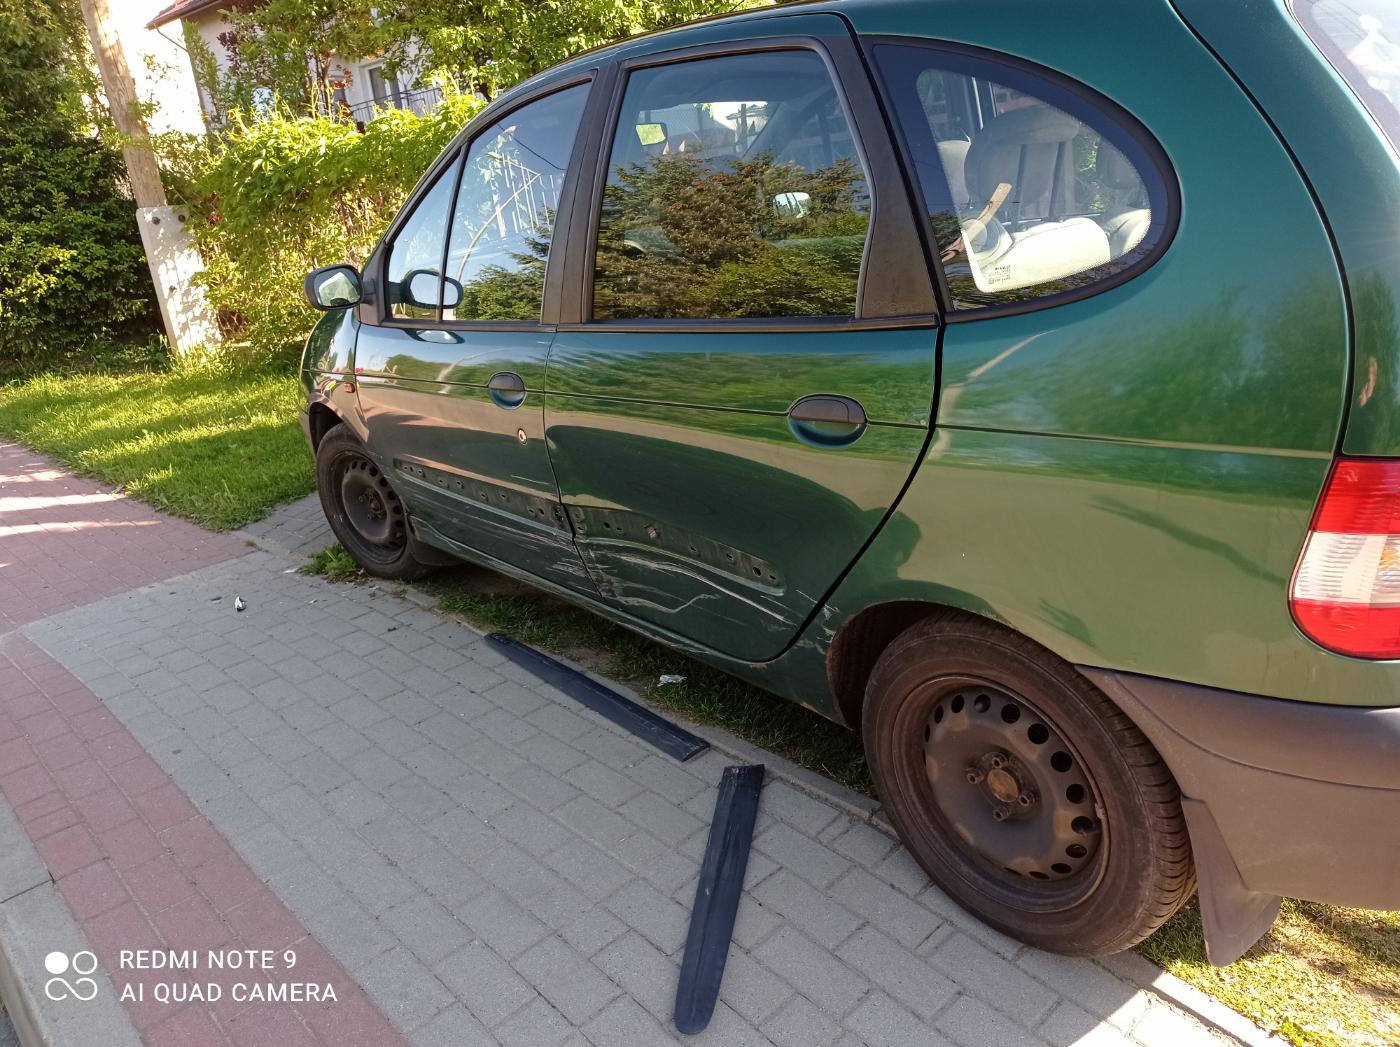 SANOK: Zniszczył samochód i uciekł. Szukamy sprawcy! [ZDJĘCIA] - Zdjęcie główne